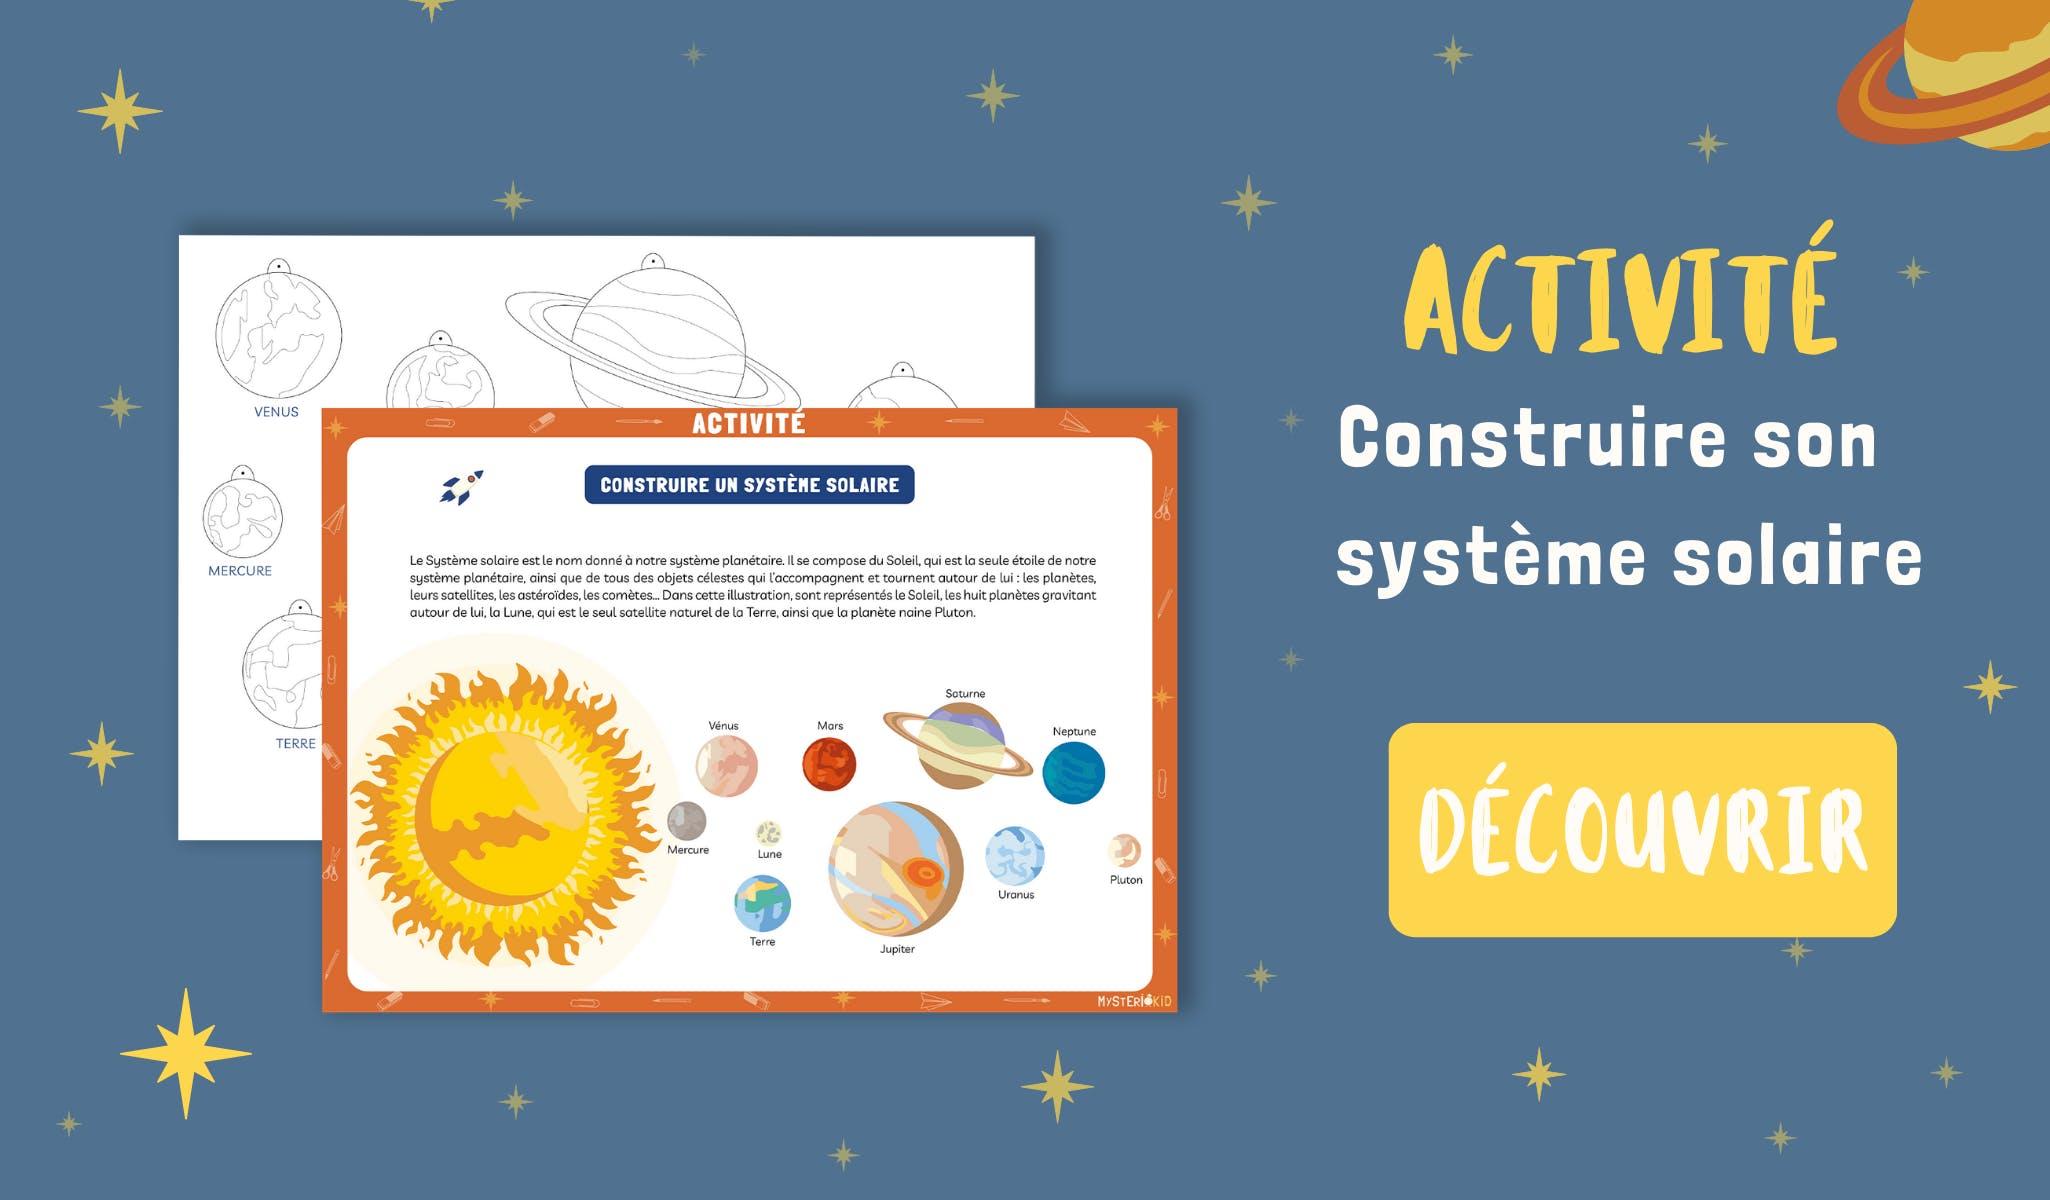 Activité DIY à télécharger gratuitement pour construire son propre système solaire à suspendre